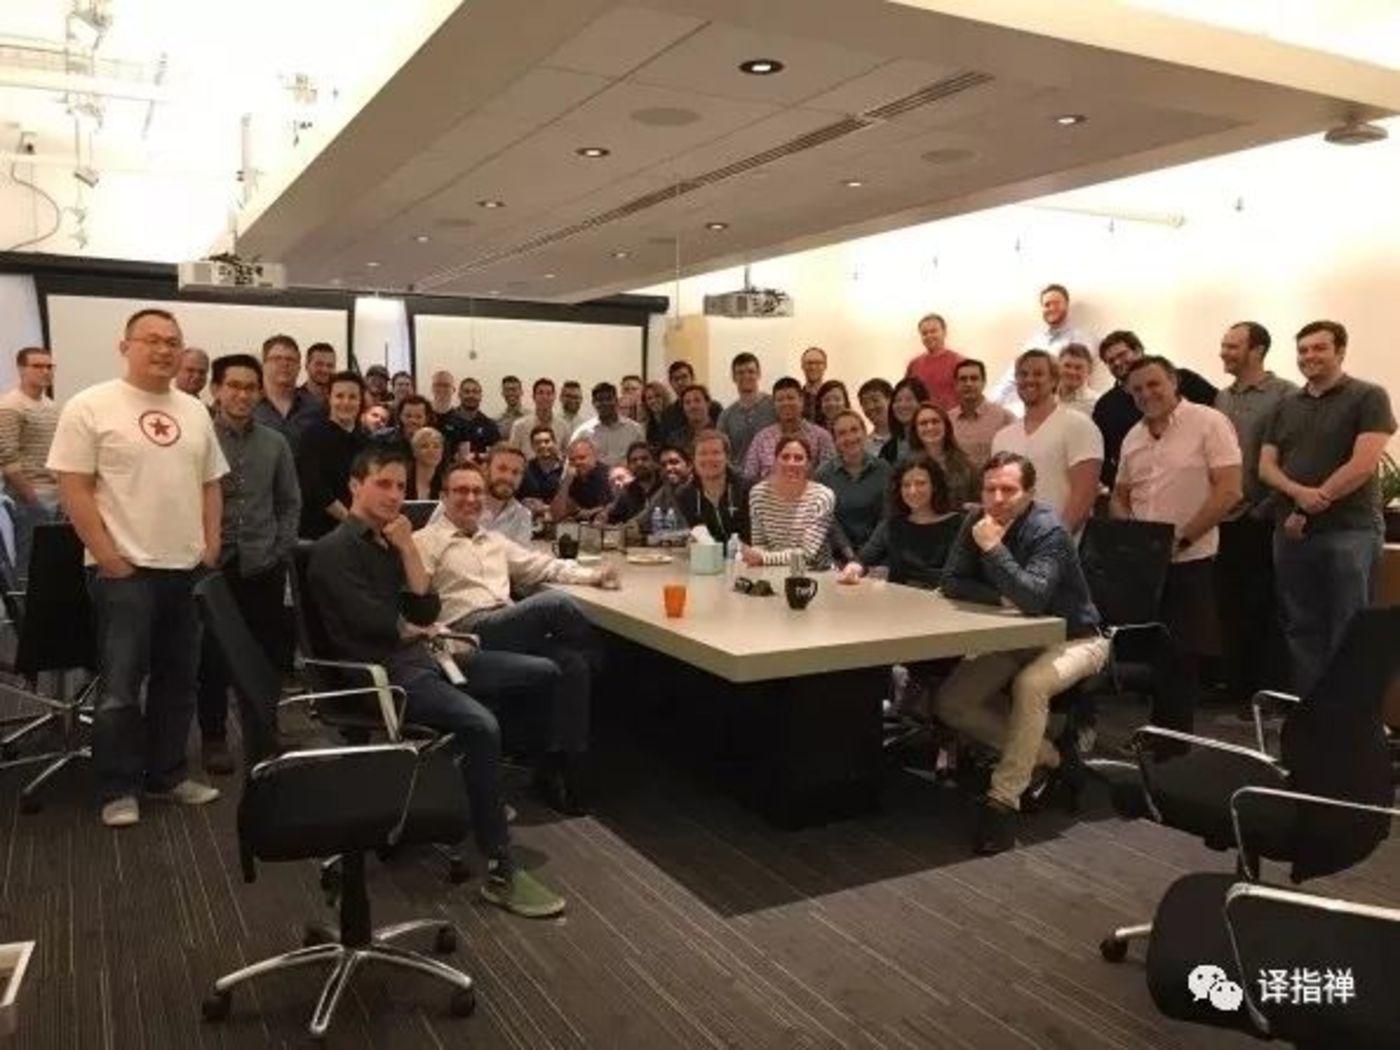 Kraft(右上角,红头发/胡须)和之前的多普勒实验室团队。目前七人在亚马逊,三人在苹果,三人在谷歌,三人在杜比。 [照片:多普勒实验室提供]